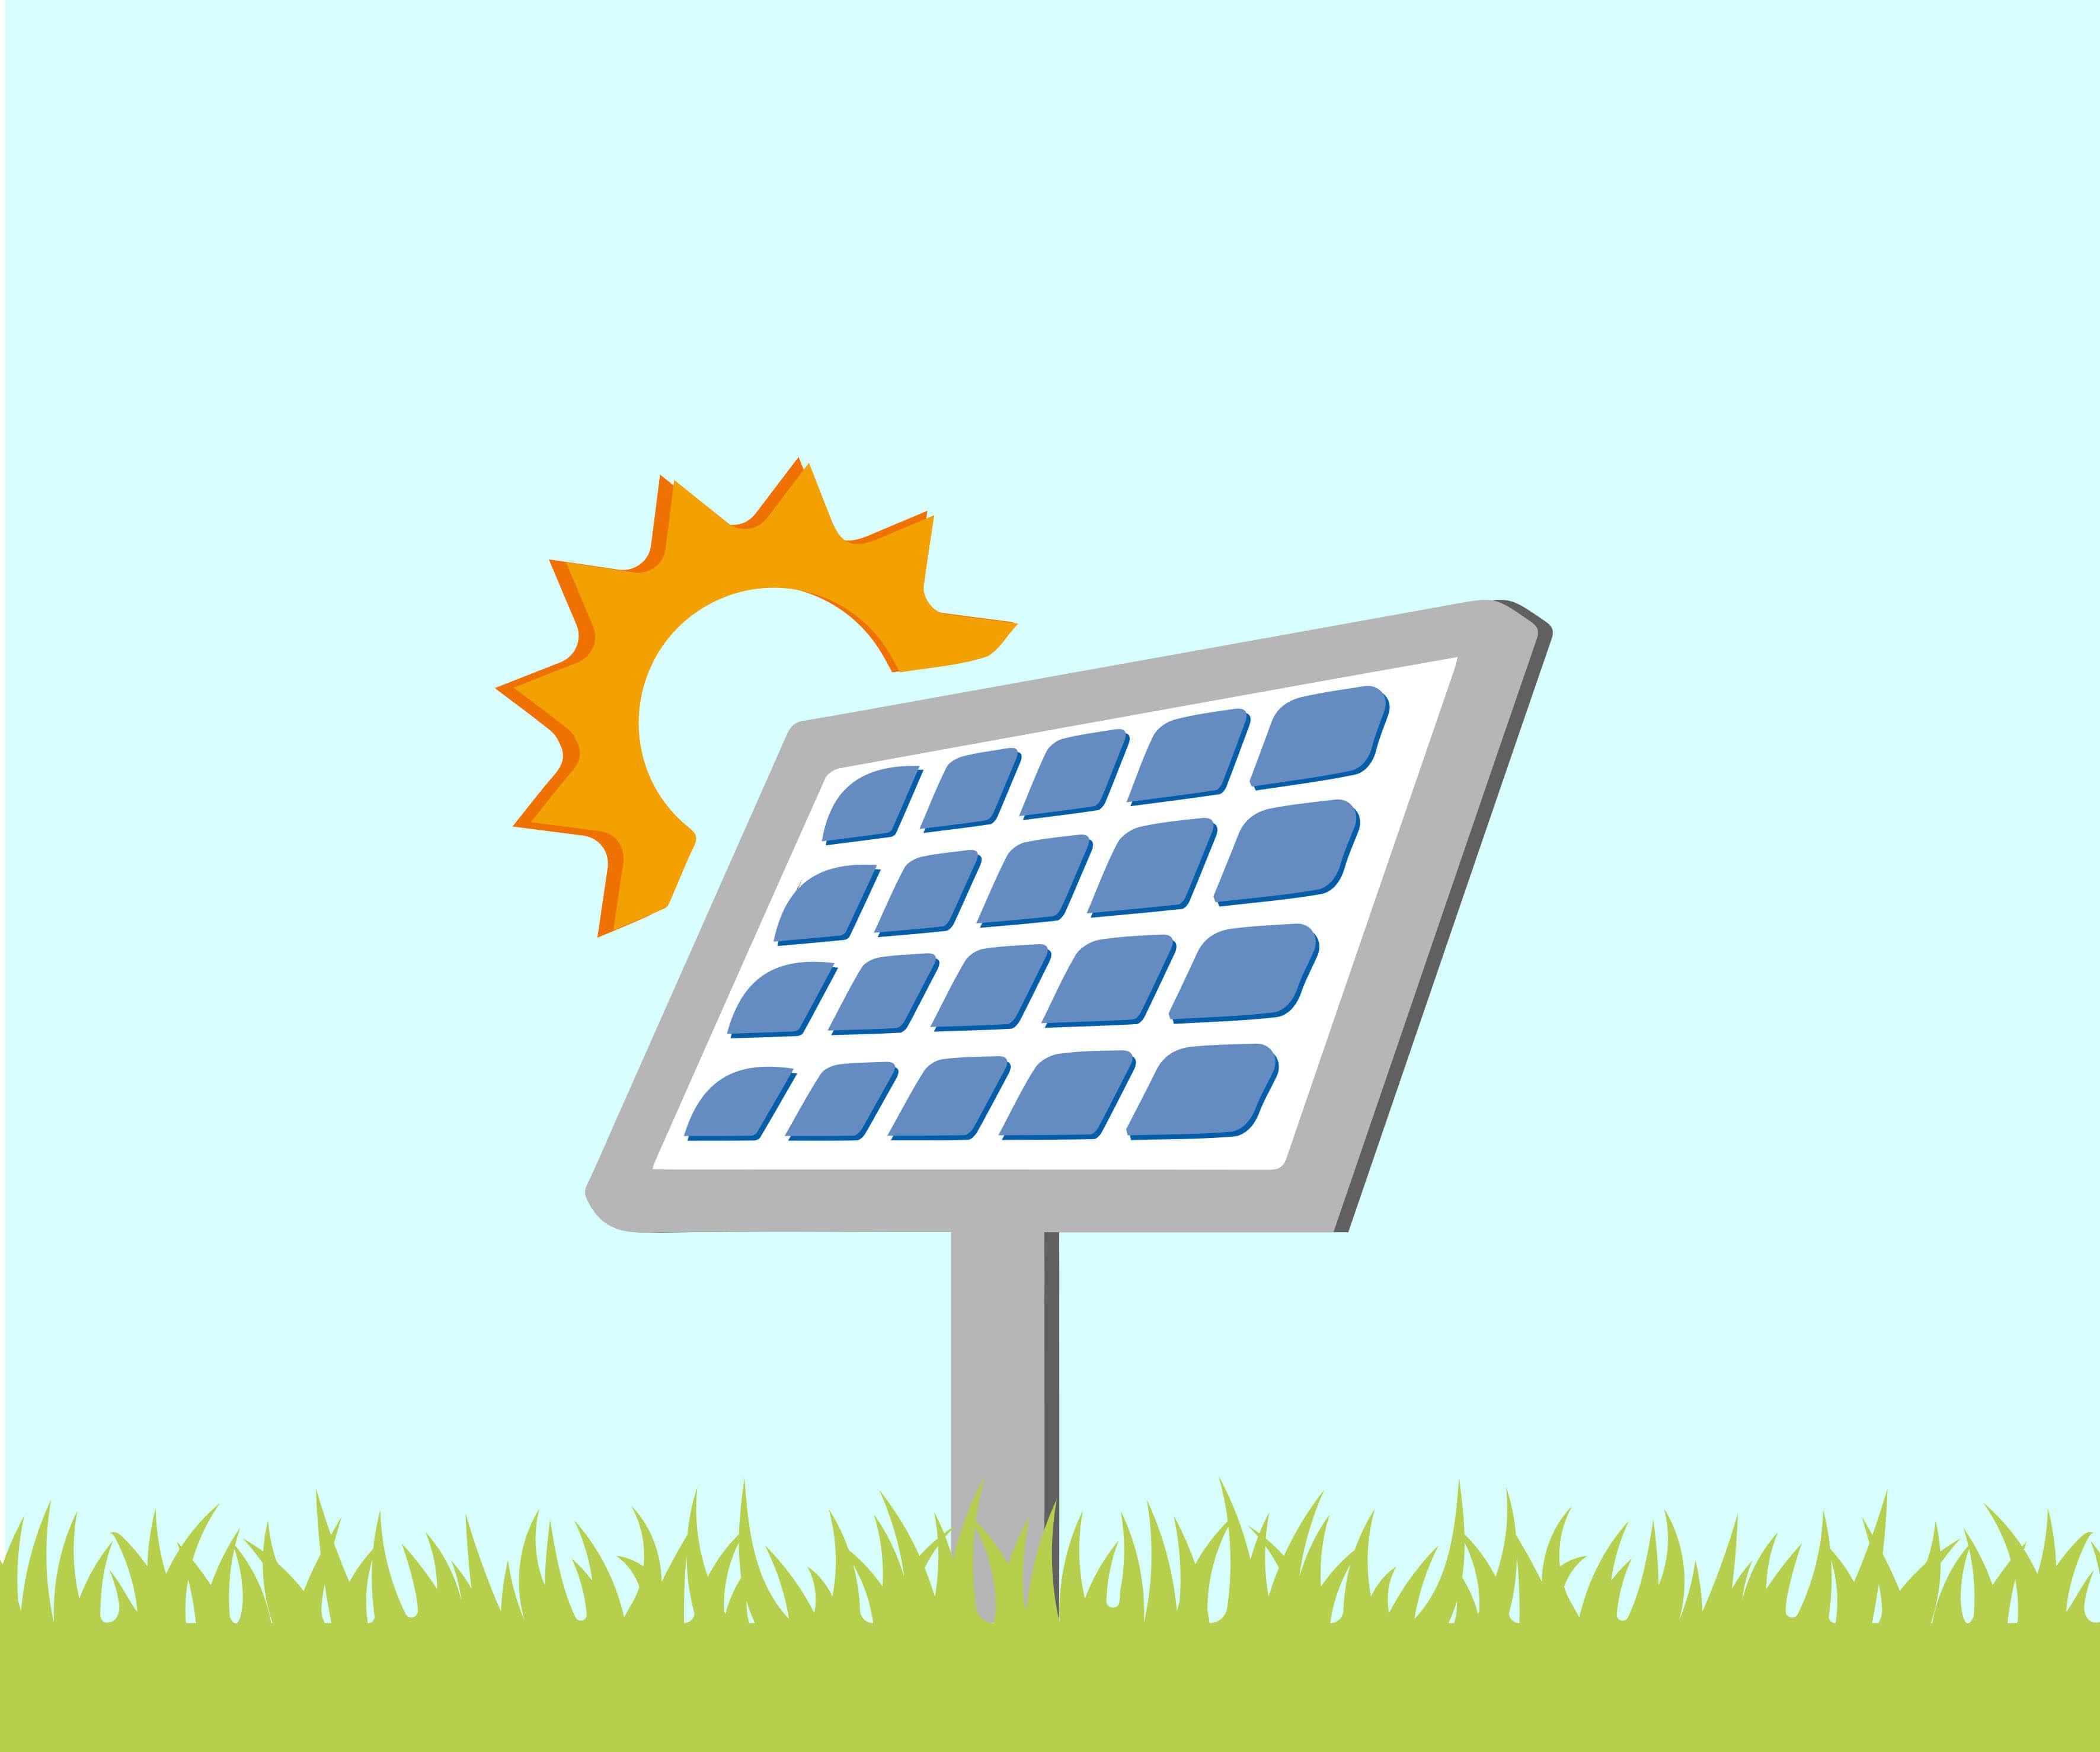 pannelli fotovoltaici sul tetto condominiale